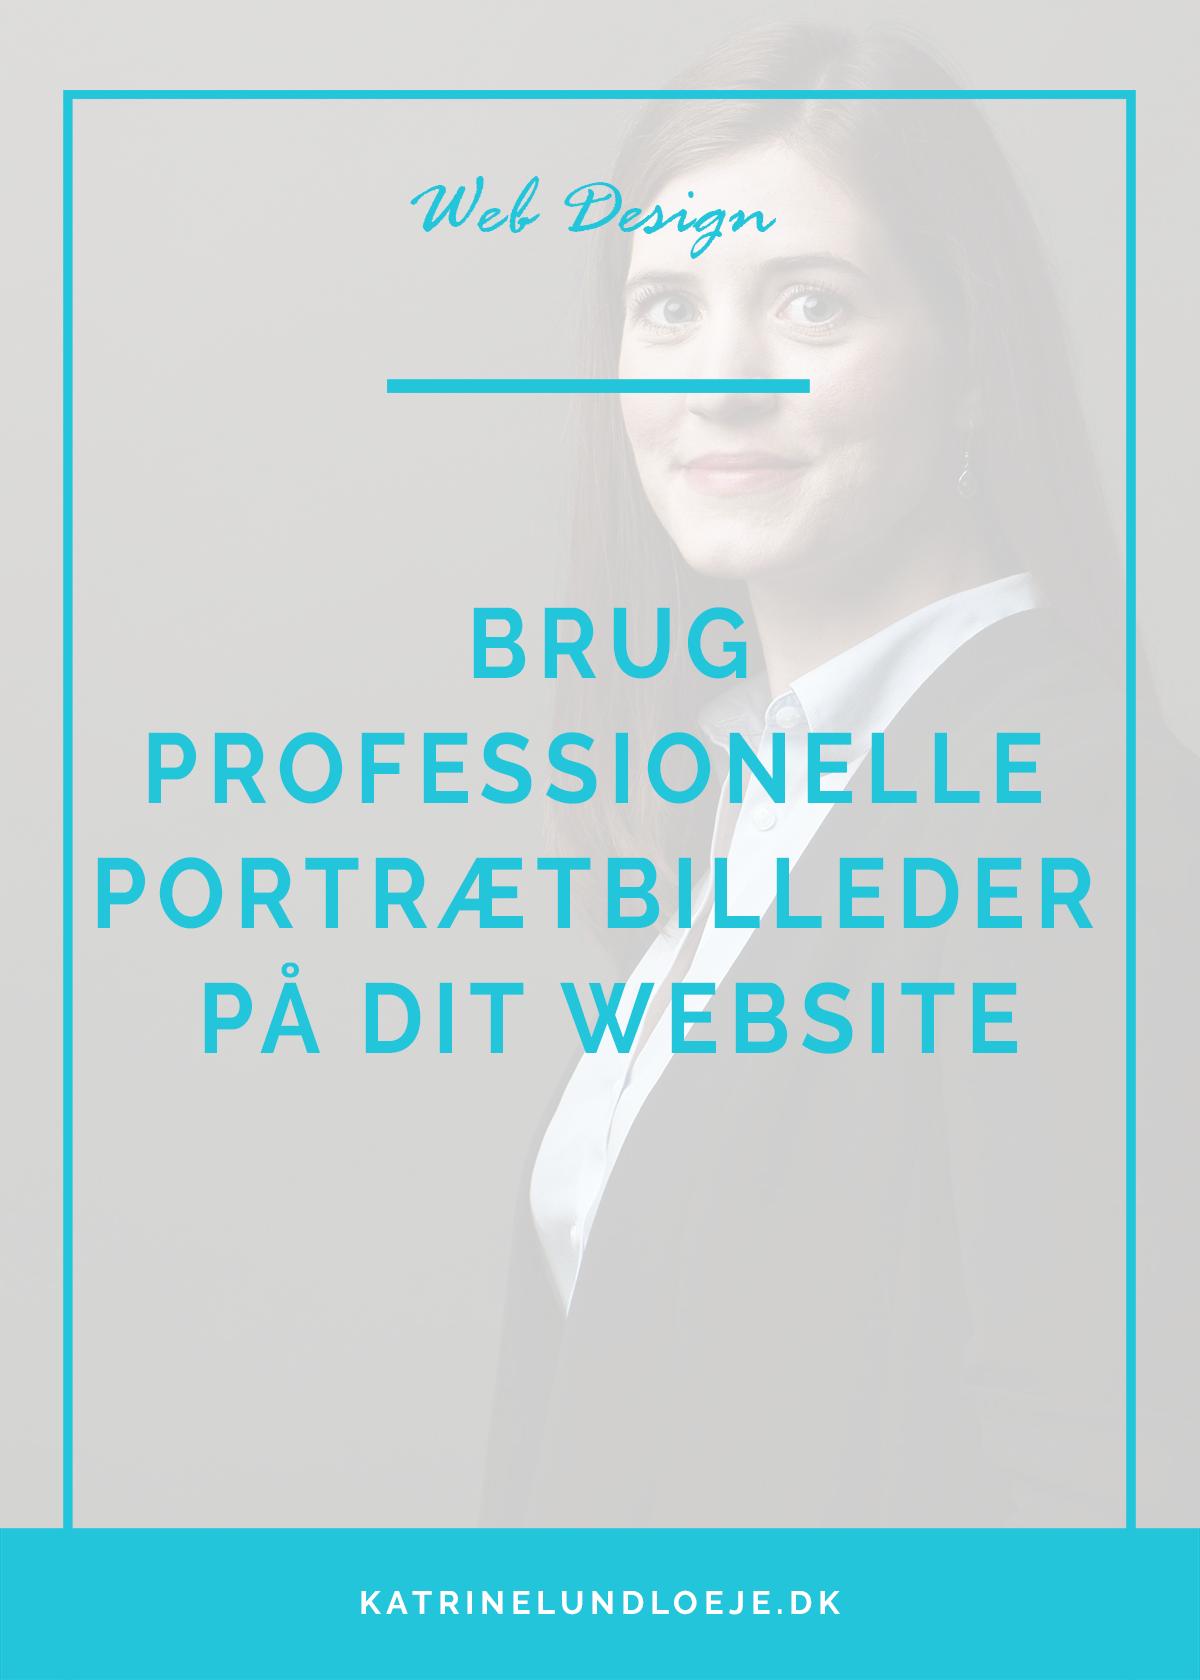 brug professionelle portrætbilleder på dit website